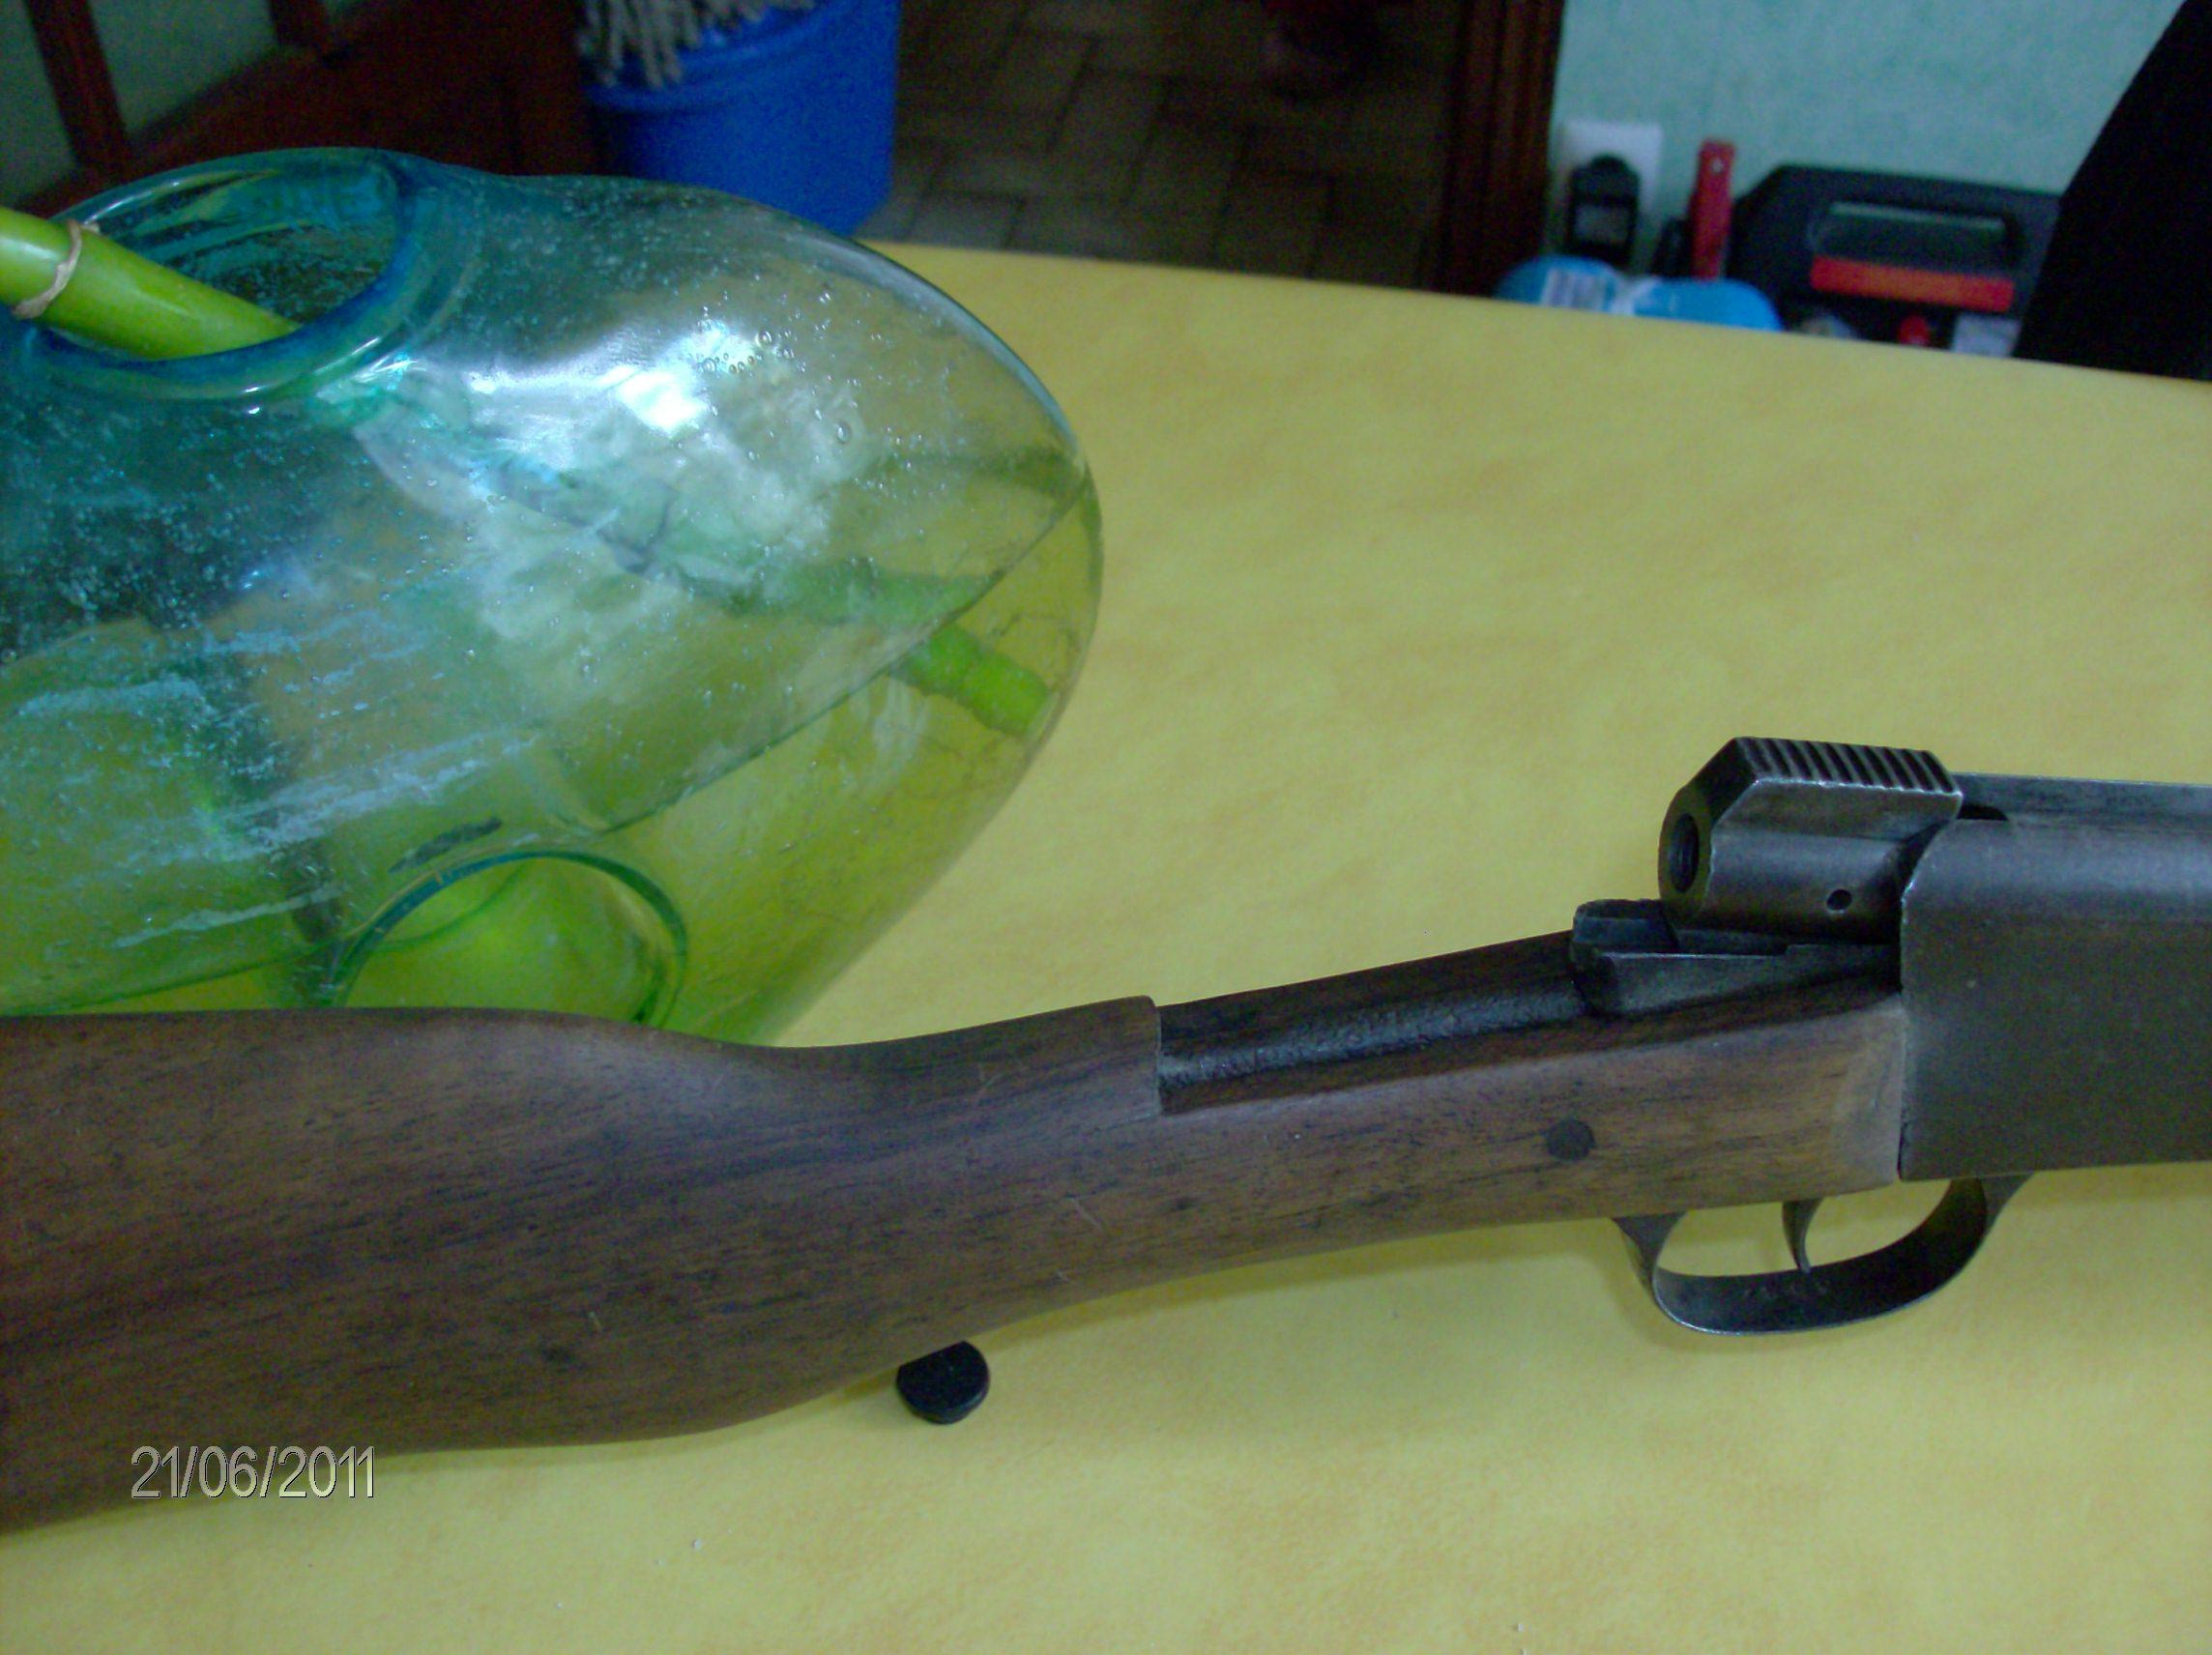 Carabine école, 6mm, à identifier 024db